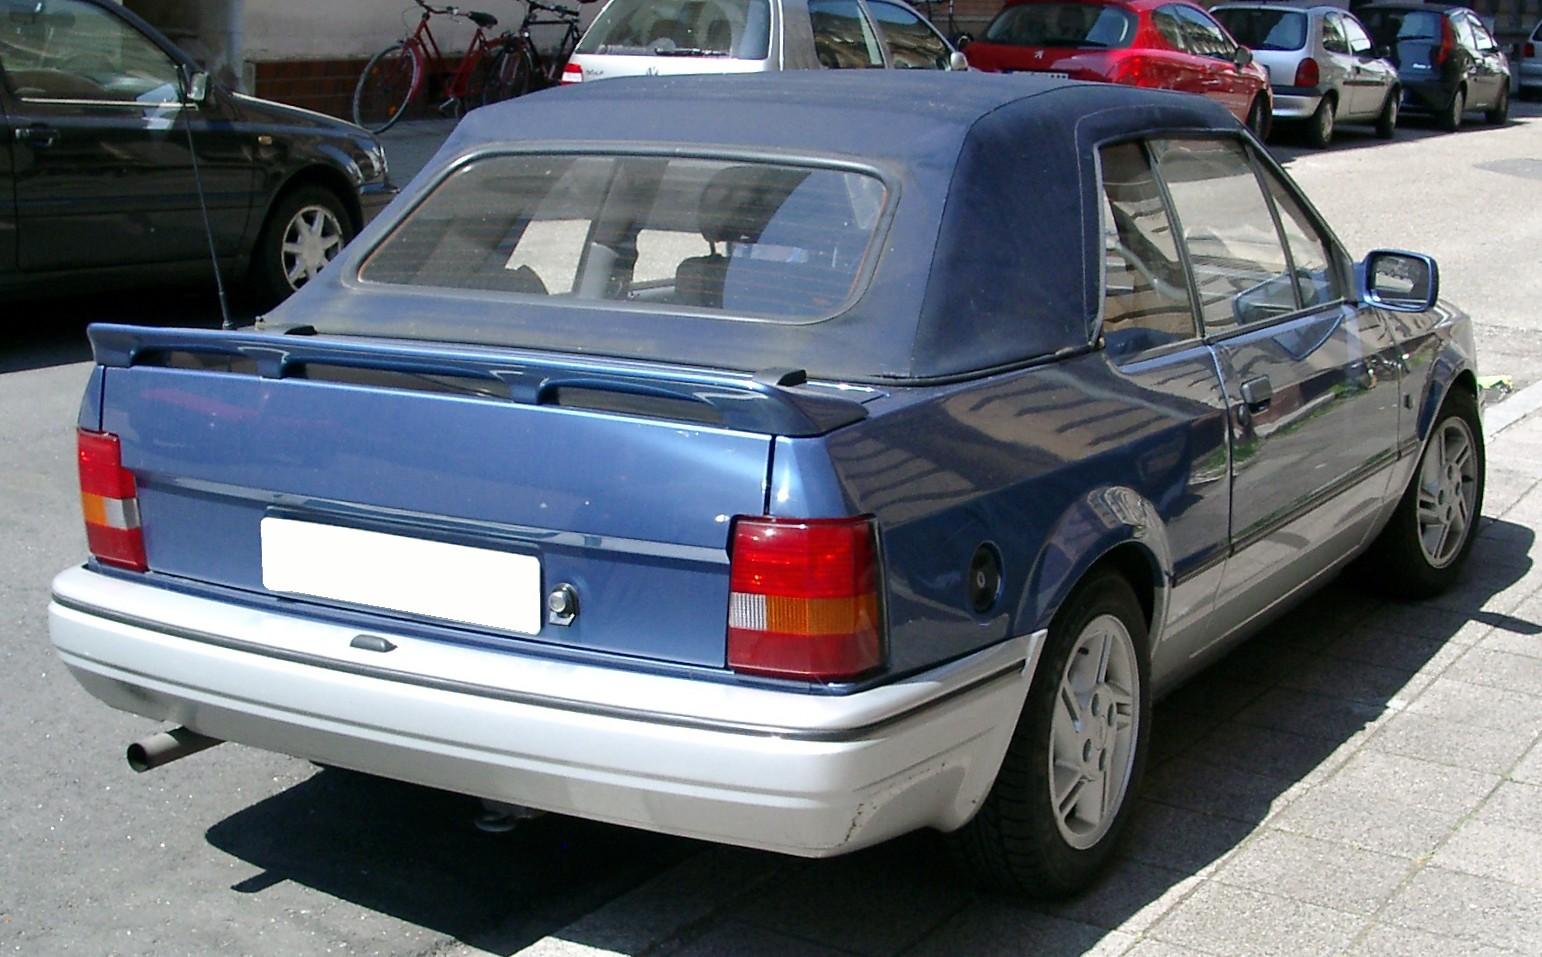 Ford Escort '86 Cabriolet